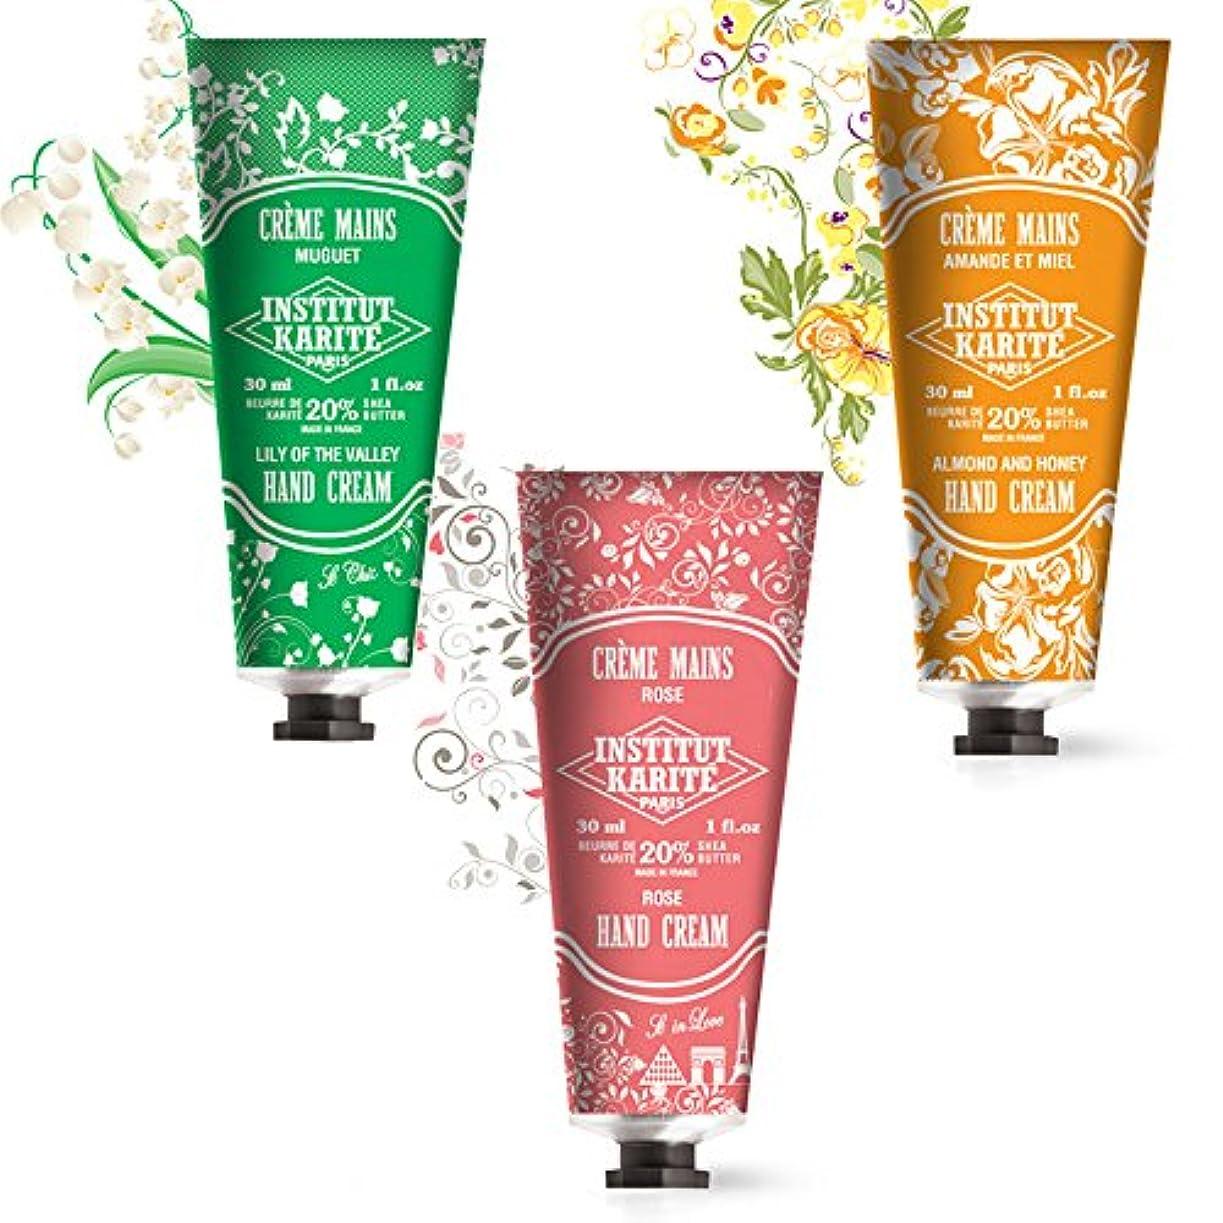 健康驚かす決定するハンドクリーム 人気ランキング 上位の ローズ すずらん アーモンド 3点セット INSTITUT KARITE インスティチュート カリテ Nourishing Hand Cream 30ml 3個